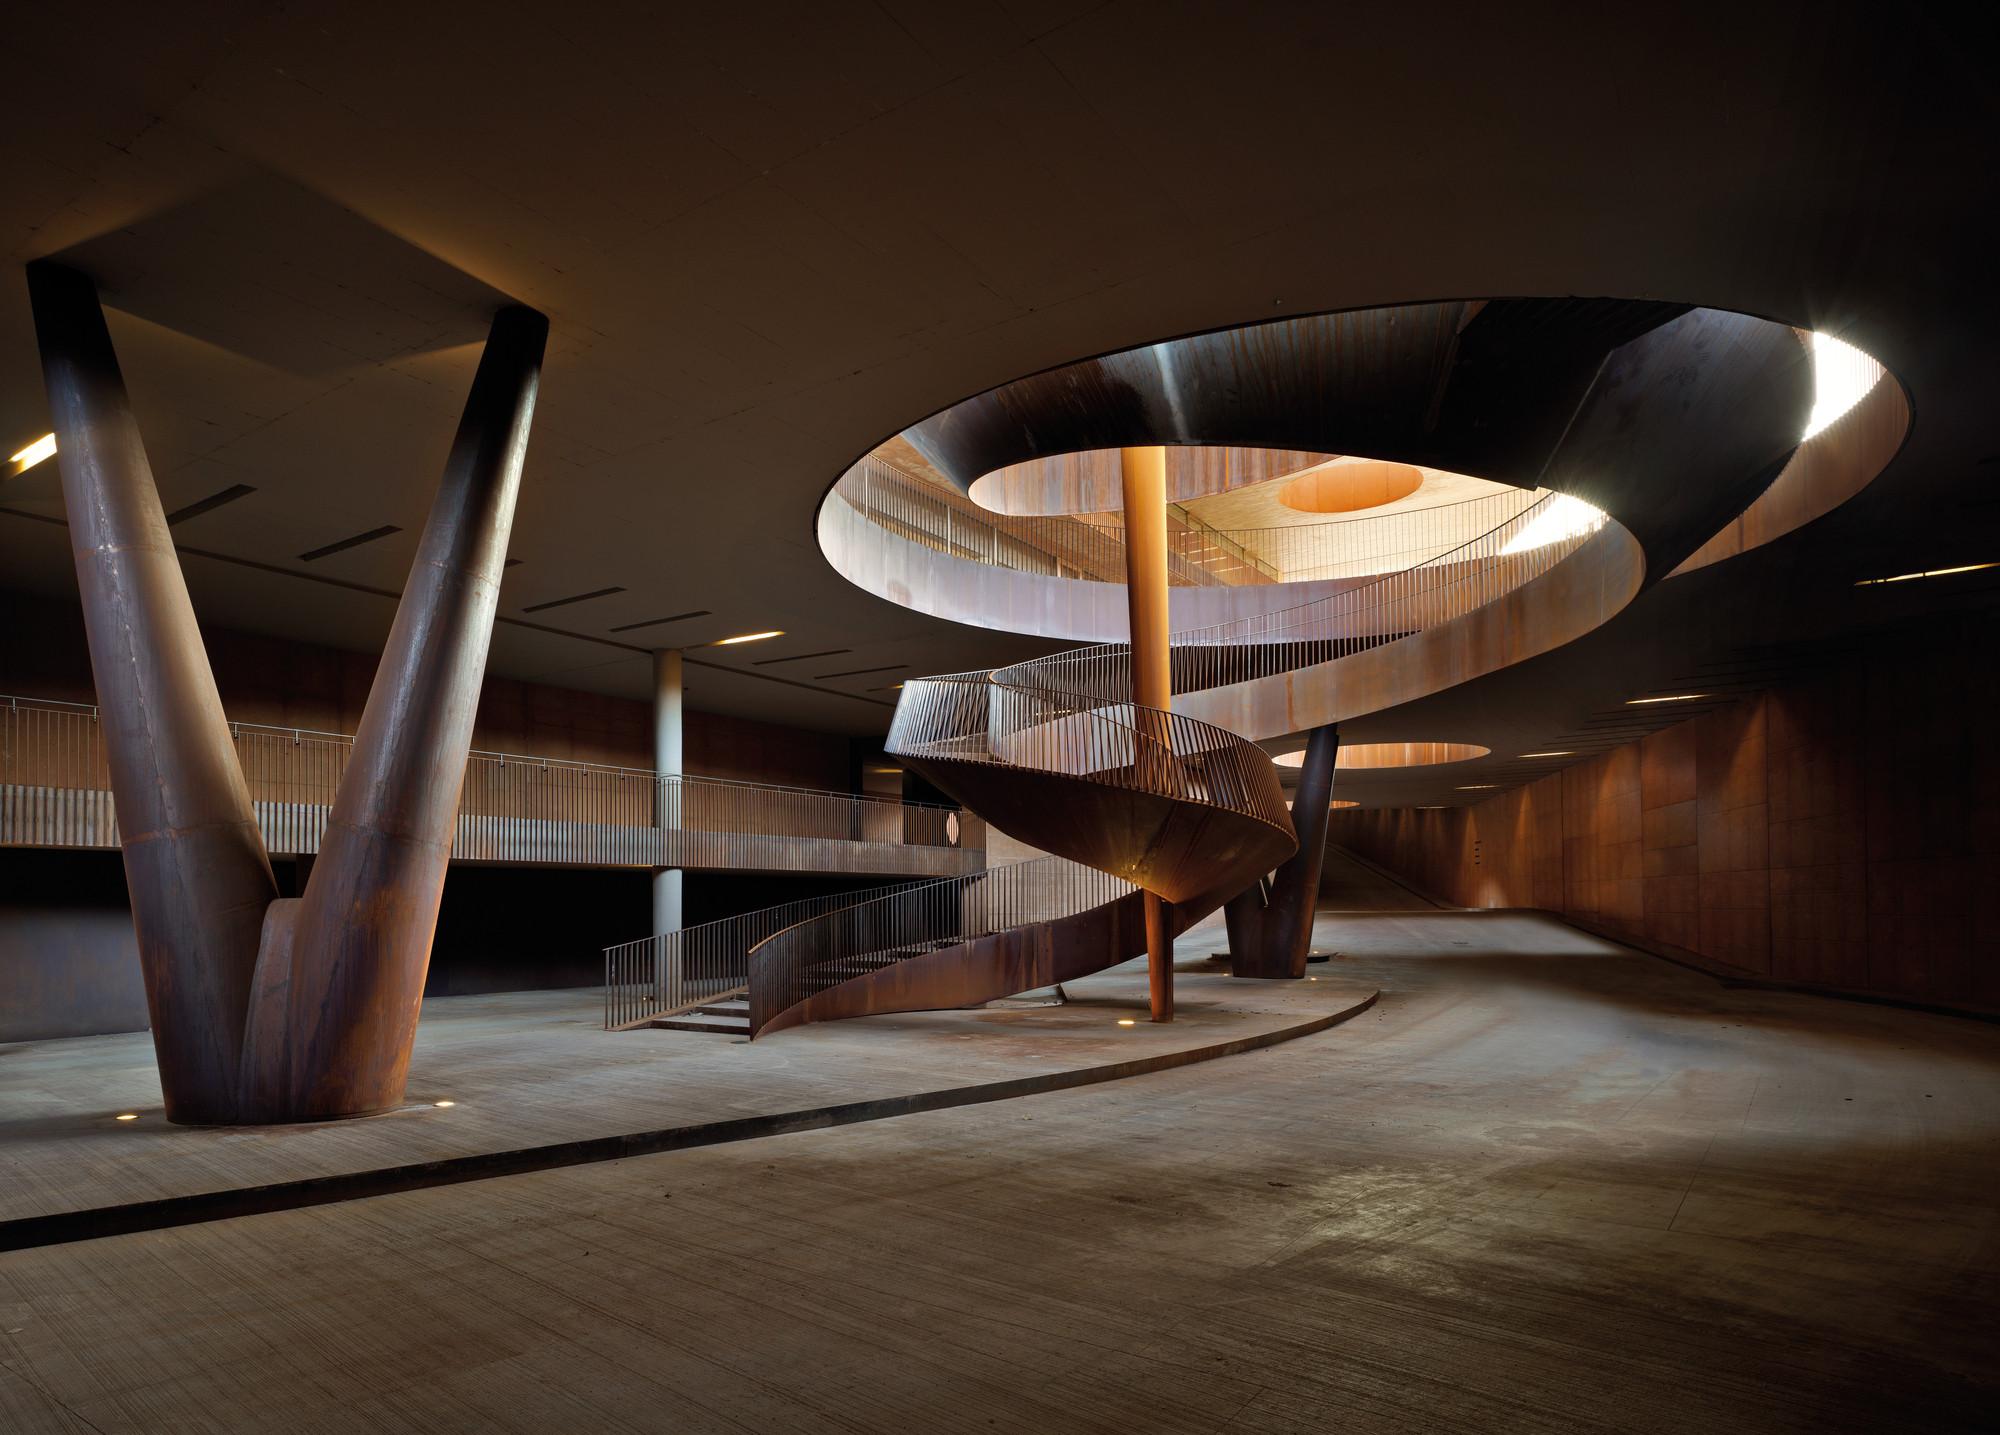 Conoce los 5 finalistas del Premio de Arquitectura Contemporánea Unión Europea – Mies van der Rohe Award